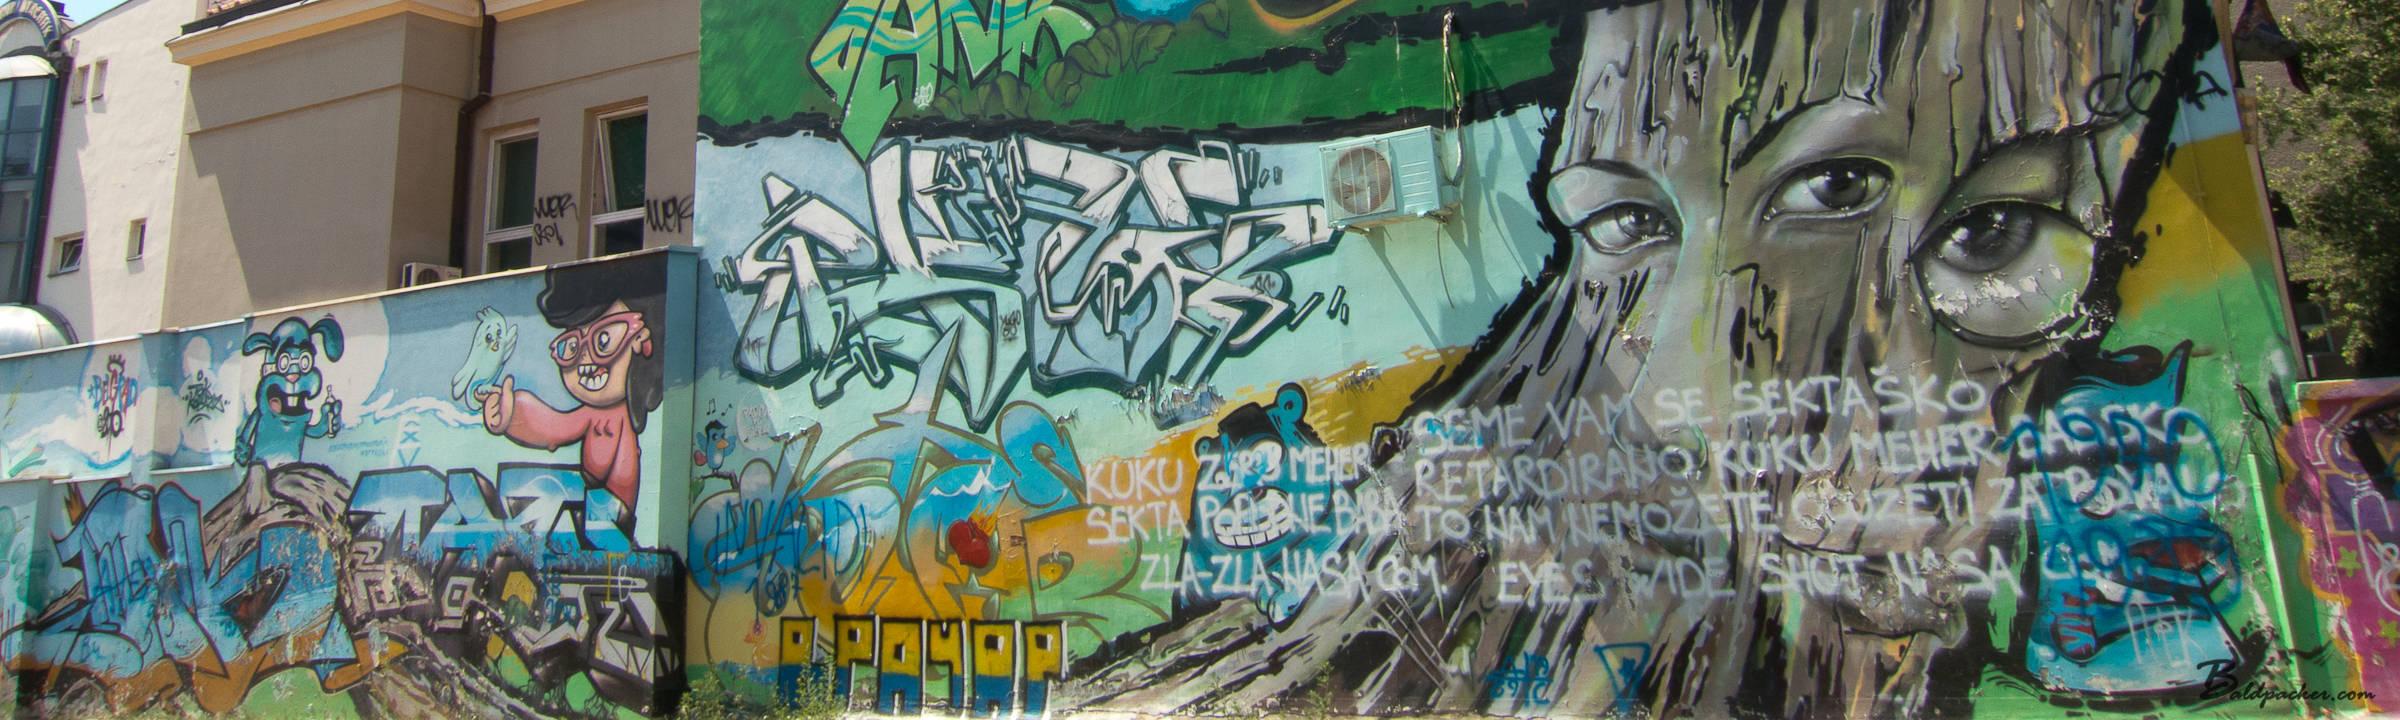 Belgrade Graffiti